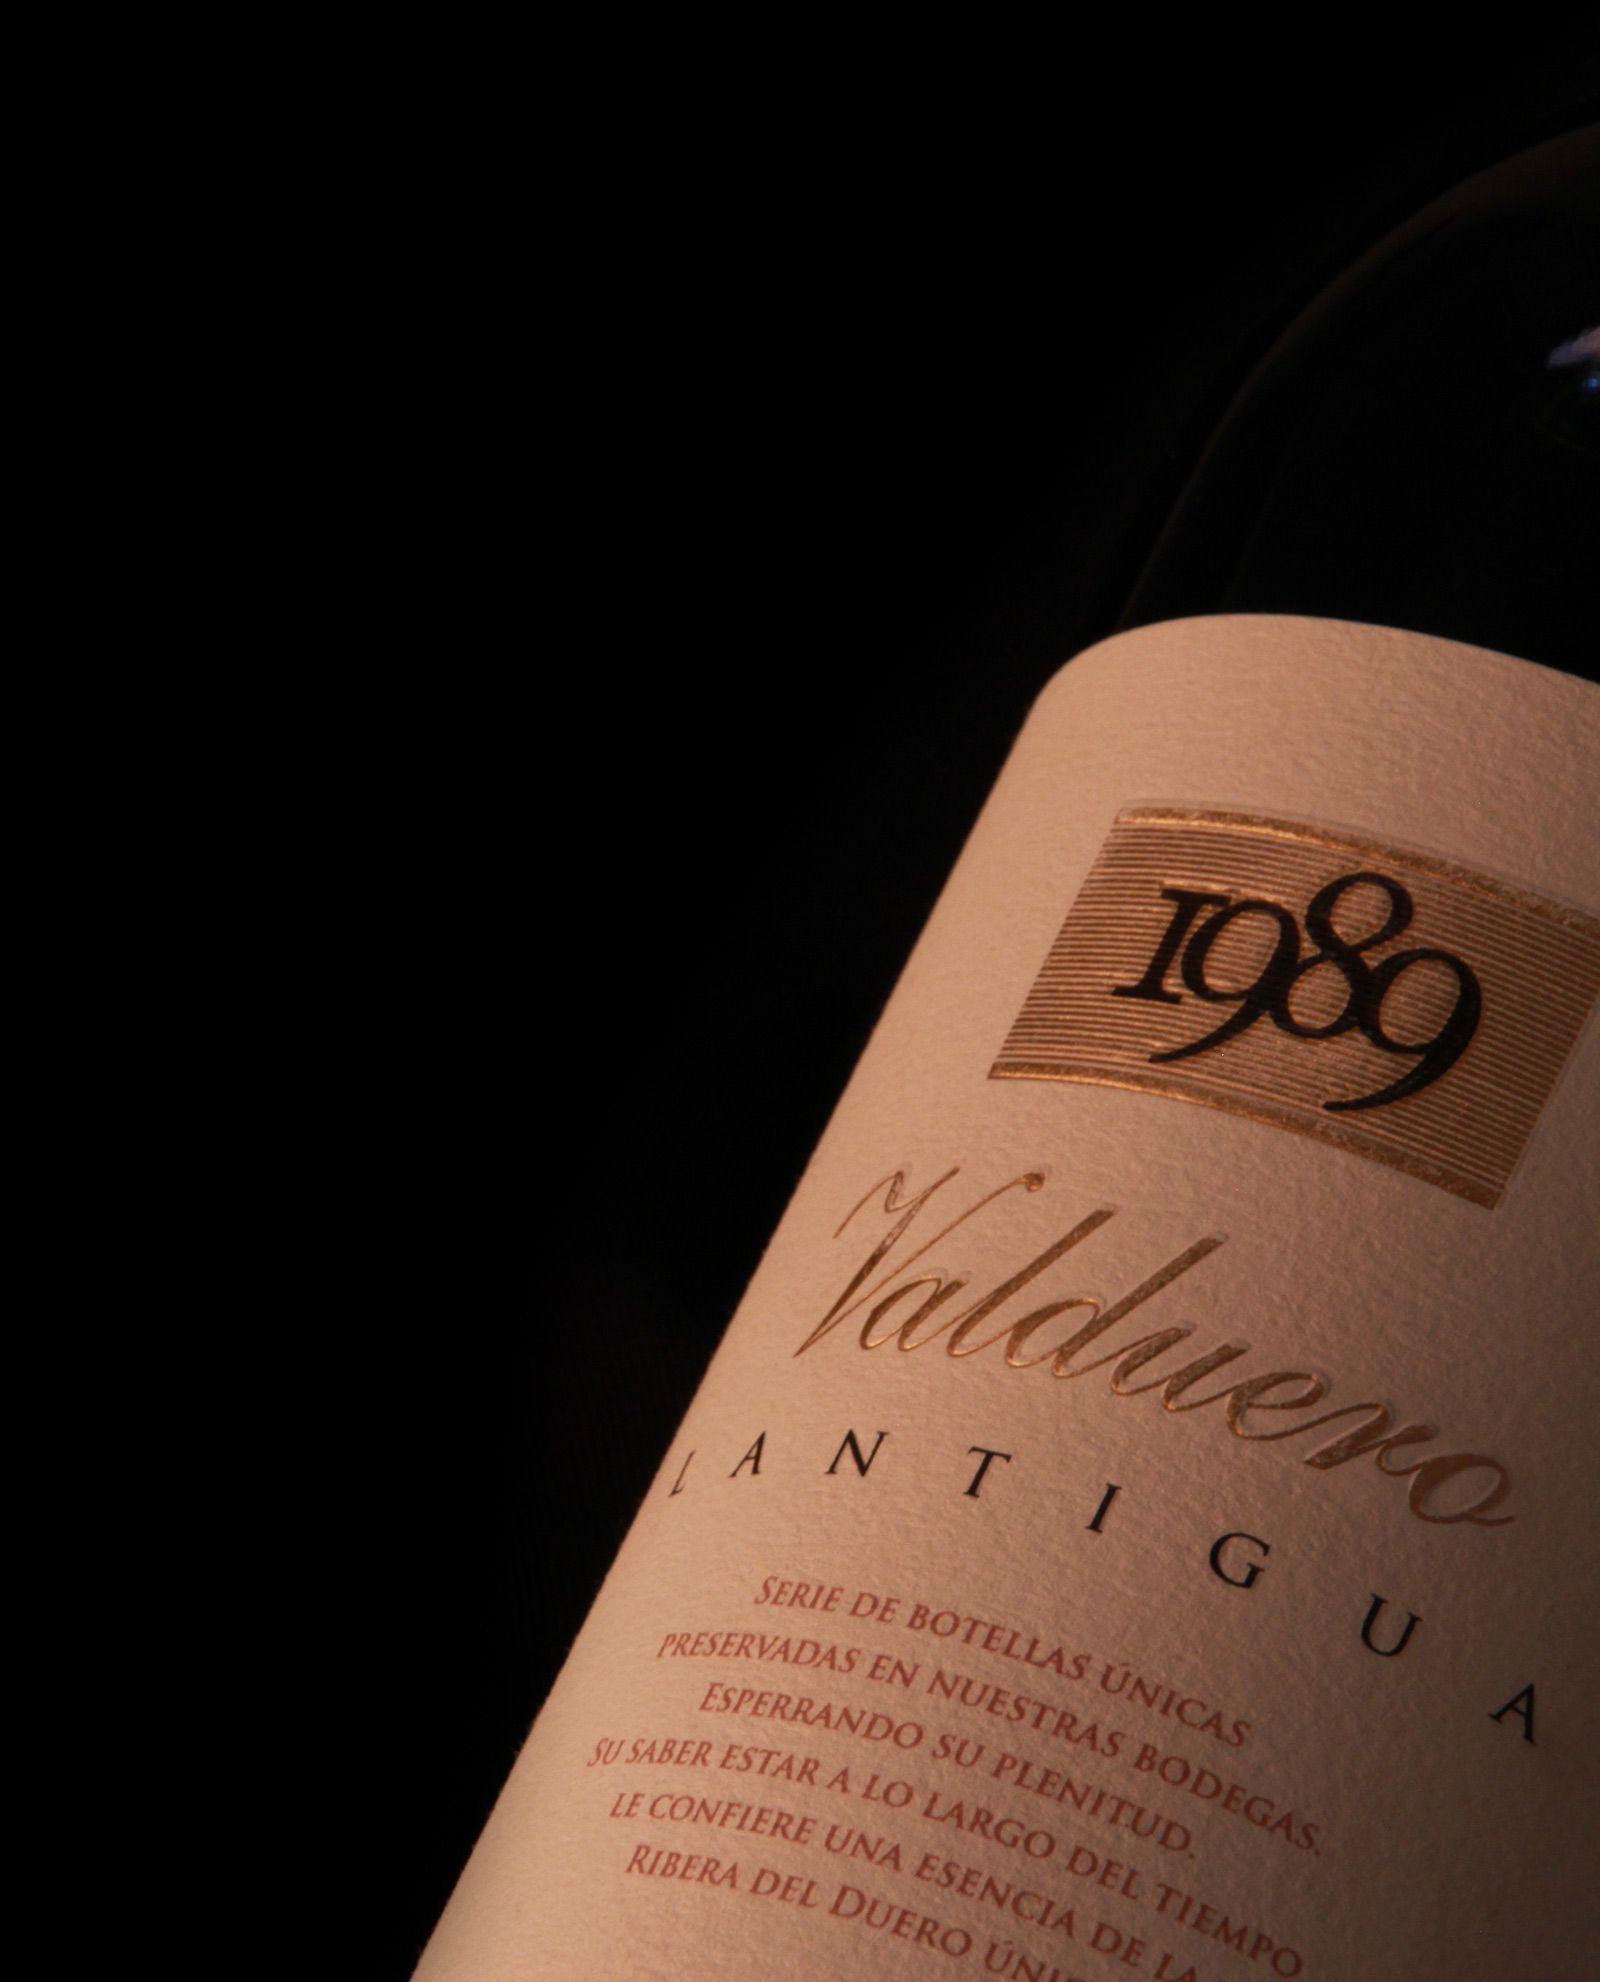 Valduero Lantigua, vino de 1989, vino de lujo, vino caro